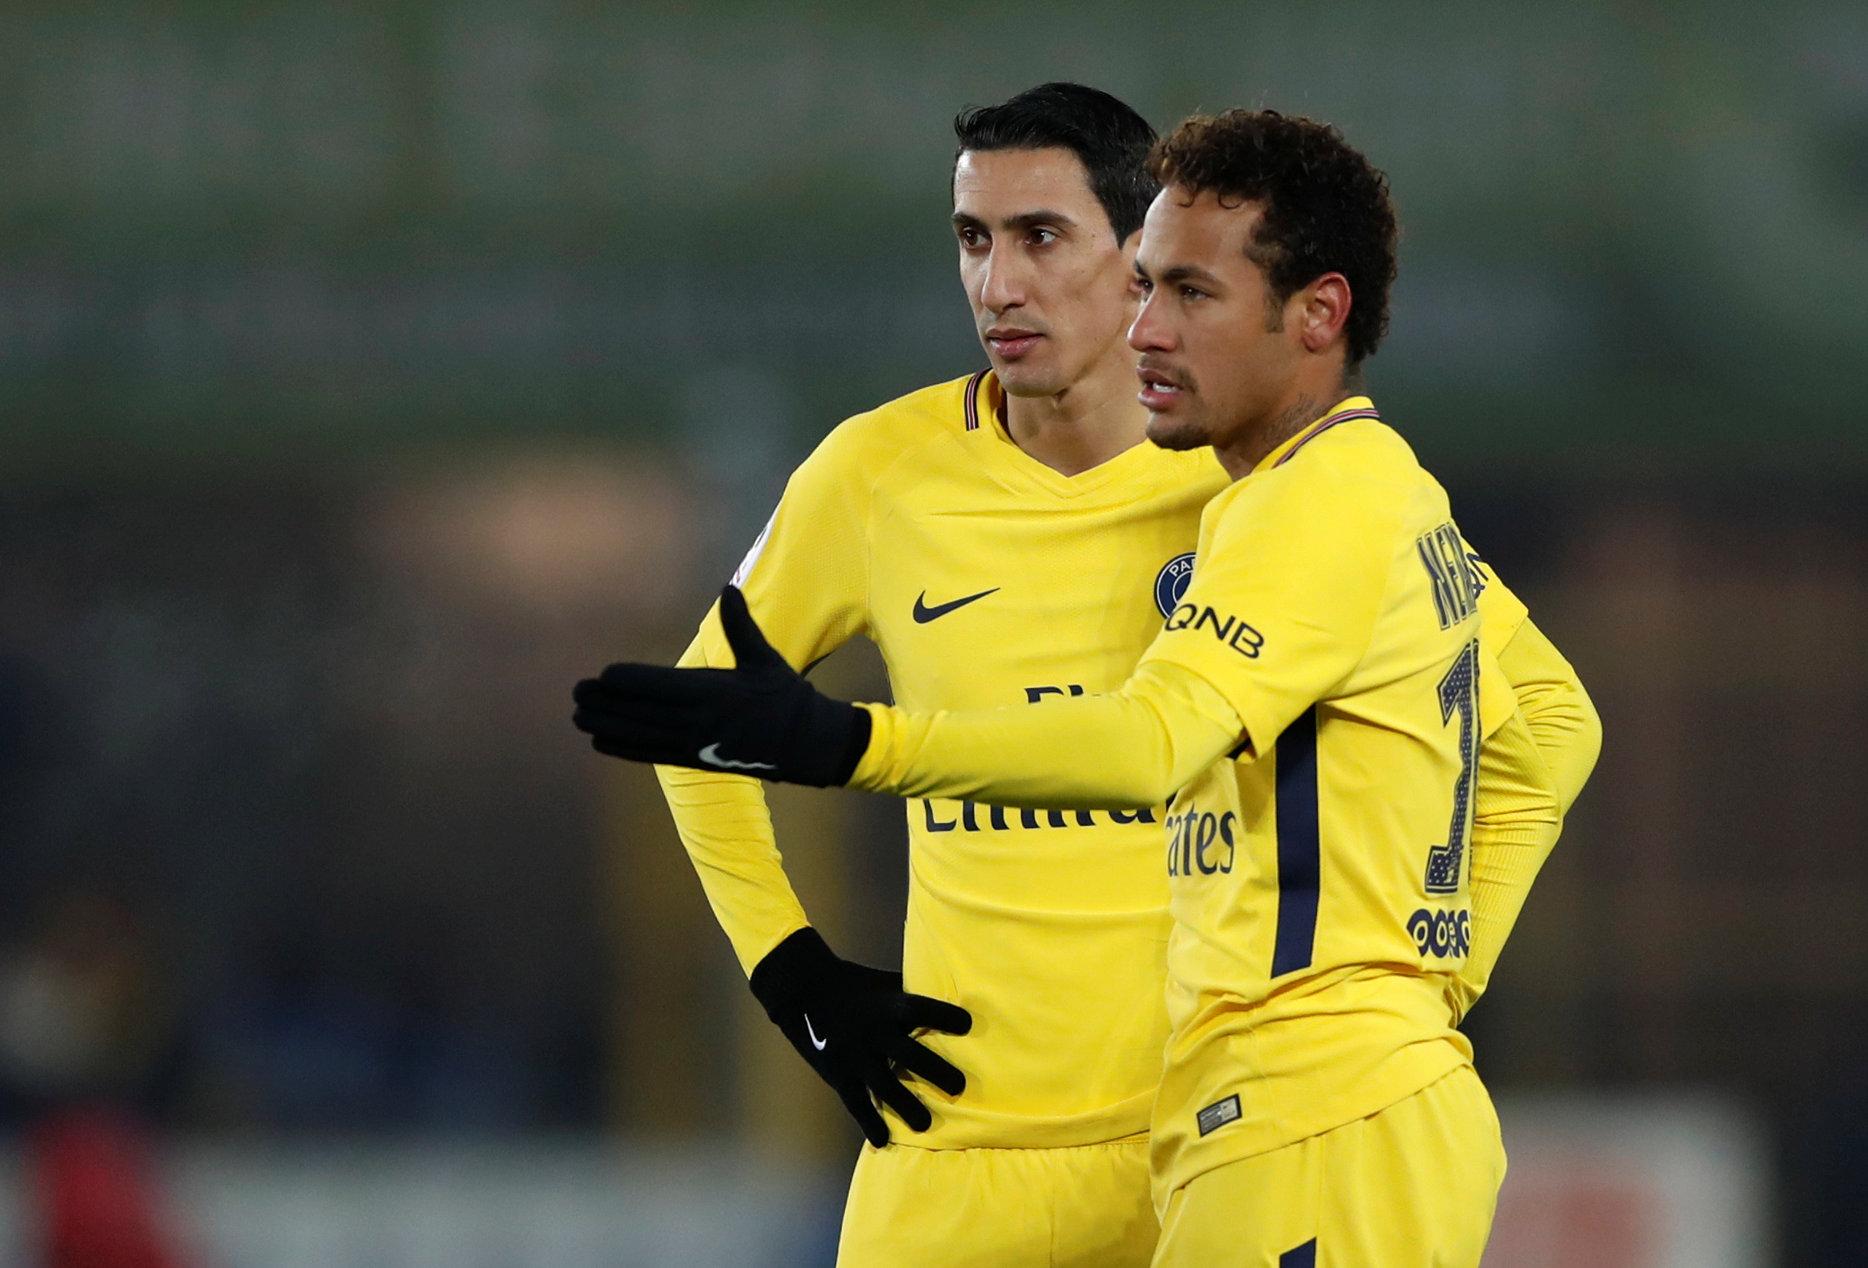 Vẻ mặt thất vọng của Neymar và Di Maria sau khi bị thủng lưới. Ảnh: REUTERS